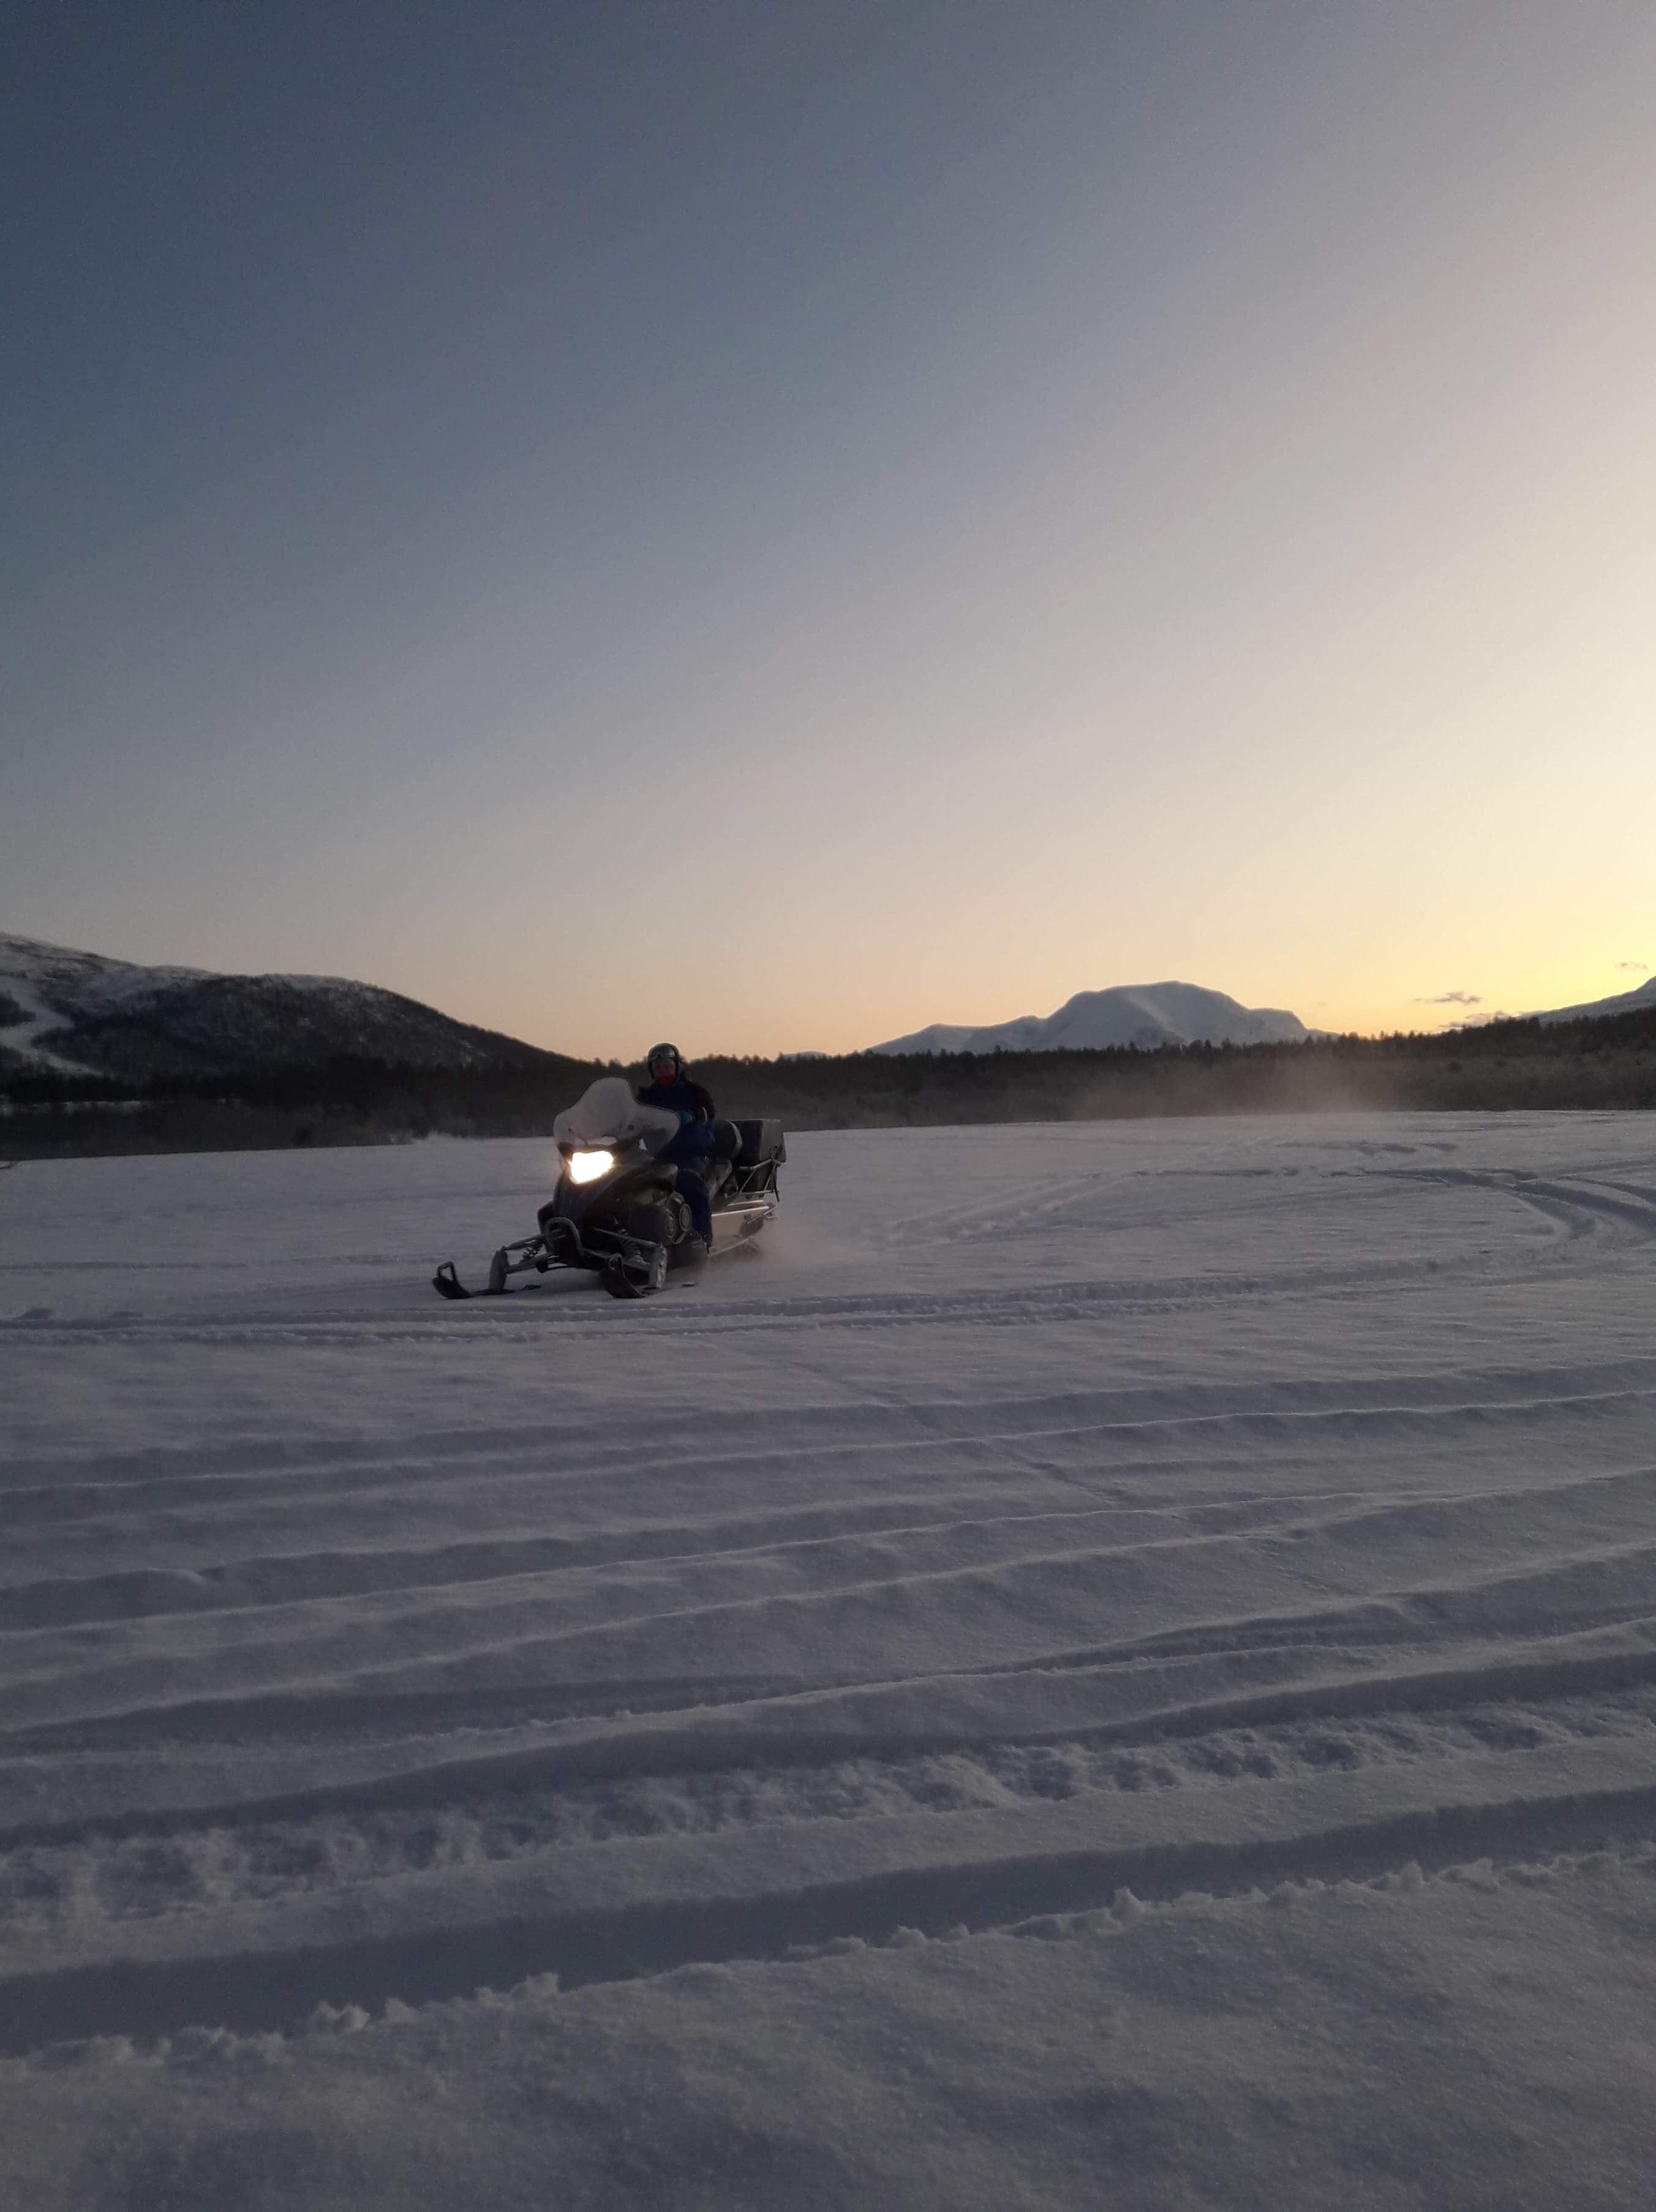 Snowmobile Fun - Destination Snowman